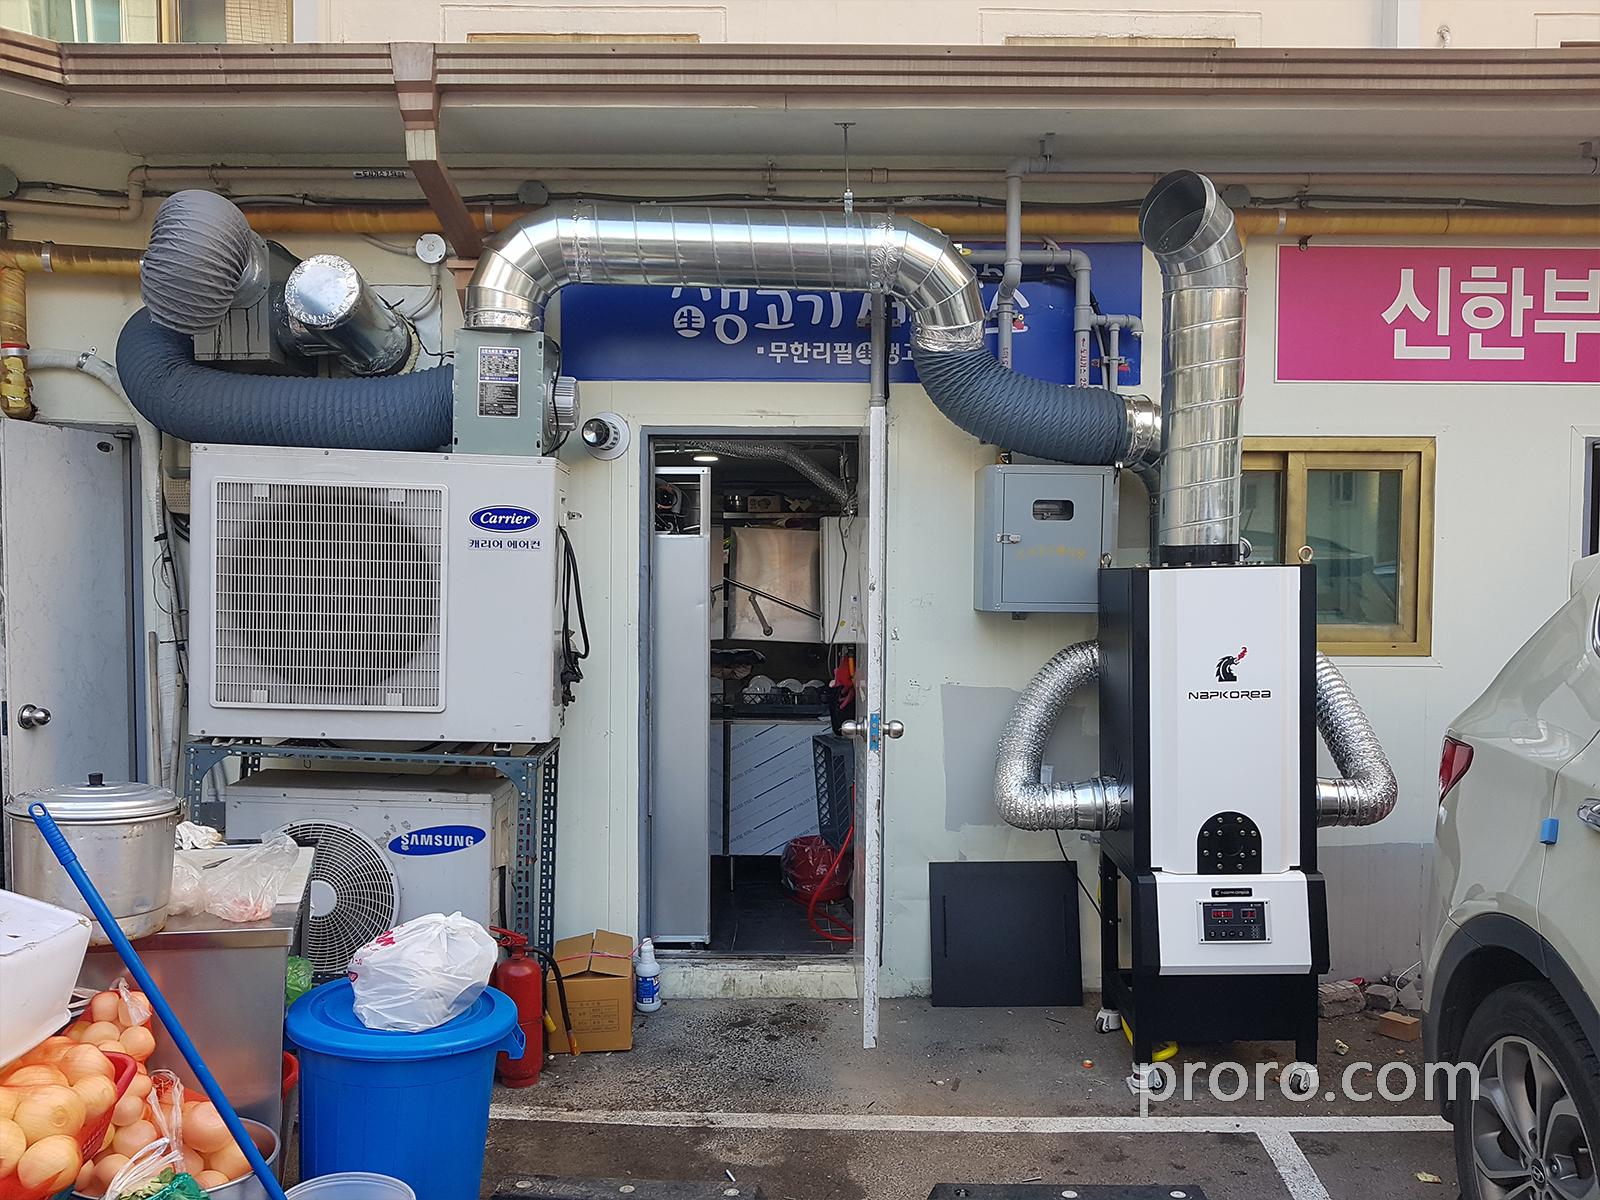 生肉制作所(烤肉店)安装 NKIC-10K(10公斤)餐饮油烟净化器 安装案例。